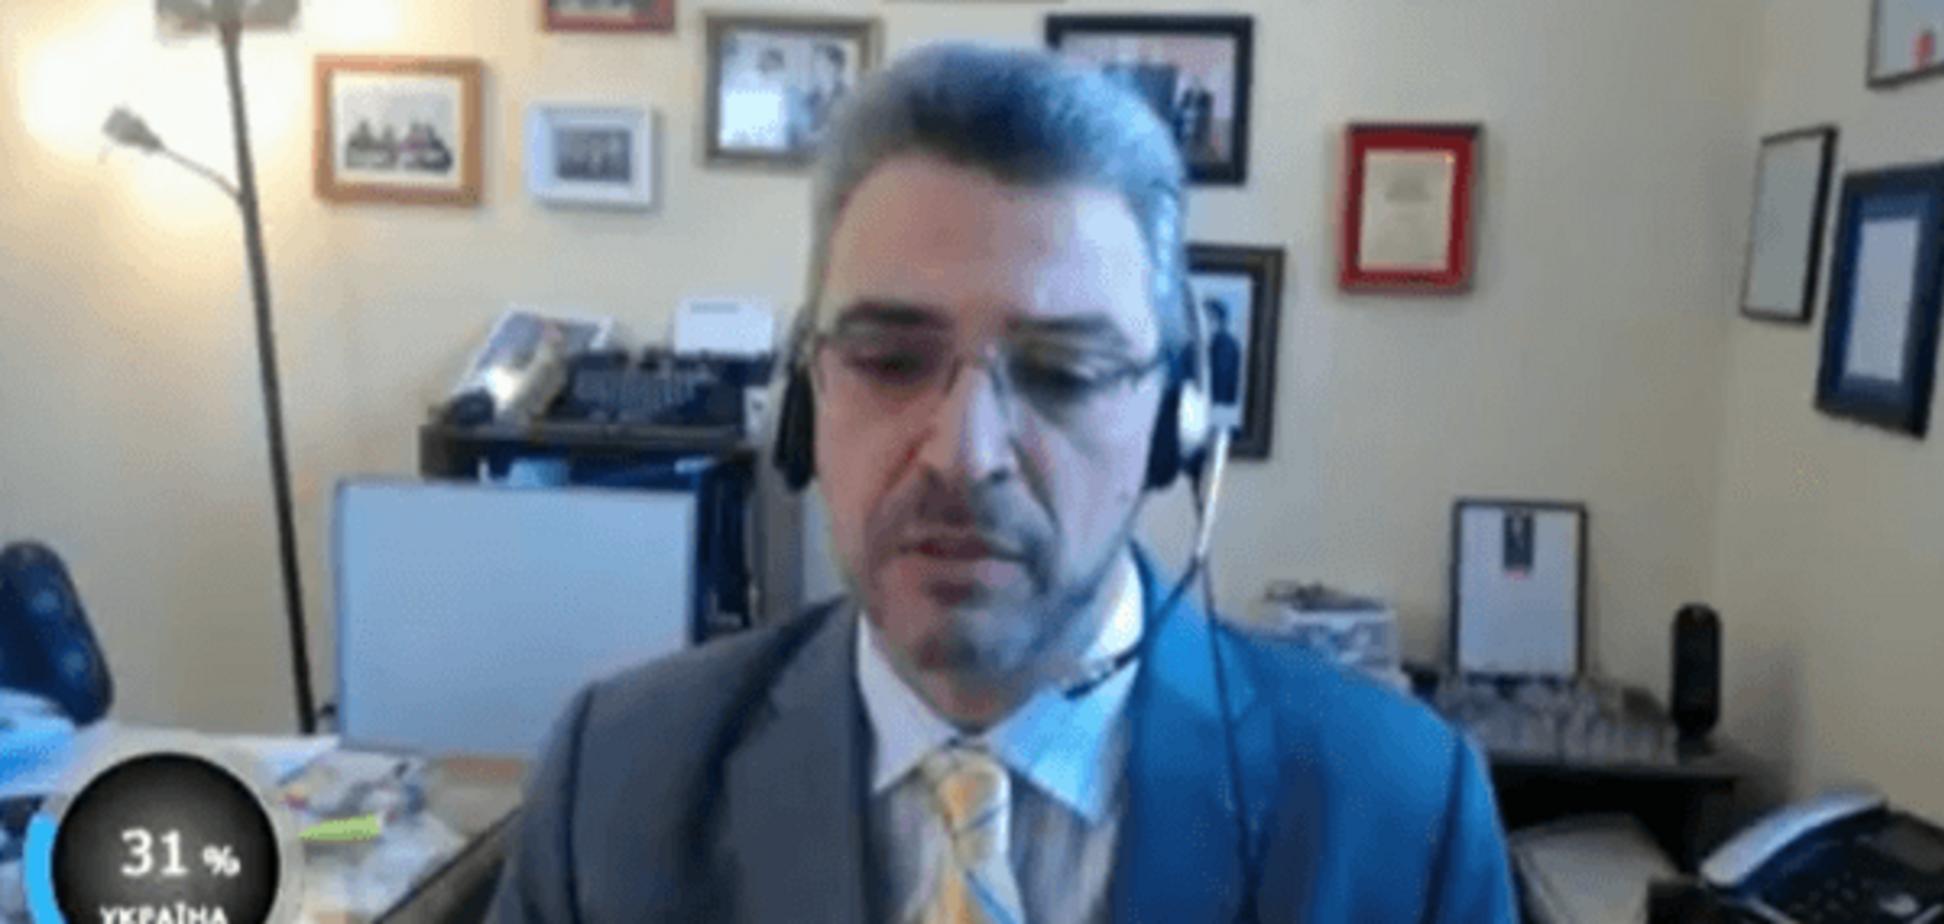 Експерт Атлантичної ради США розповів, в якому вимірі досягла успіху Росія